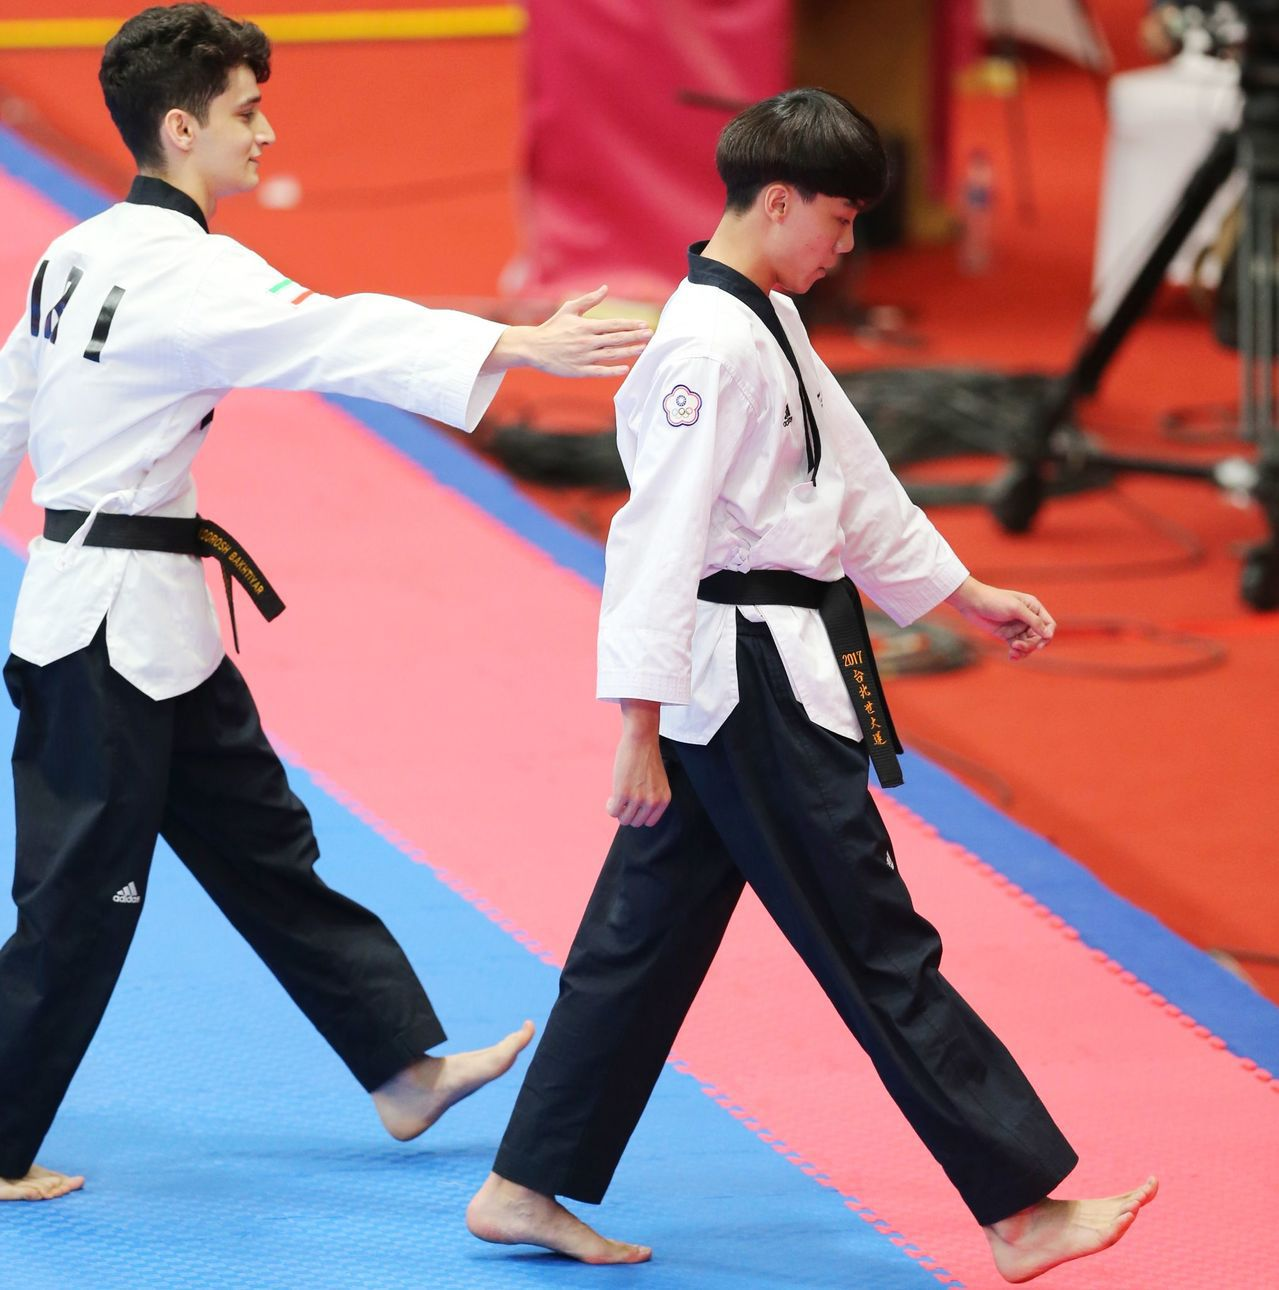 中華跆拳代表隊陳靖(右)在品勢男子個人項目以些微分差敗給伊朗選手,拿下銅牌。特派...